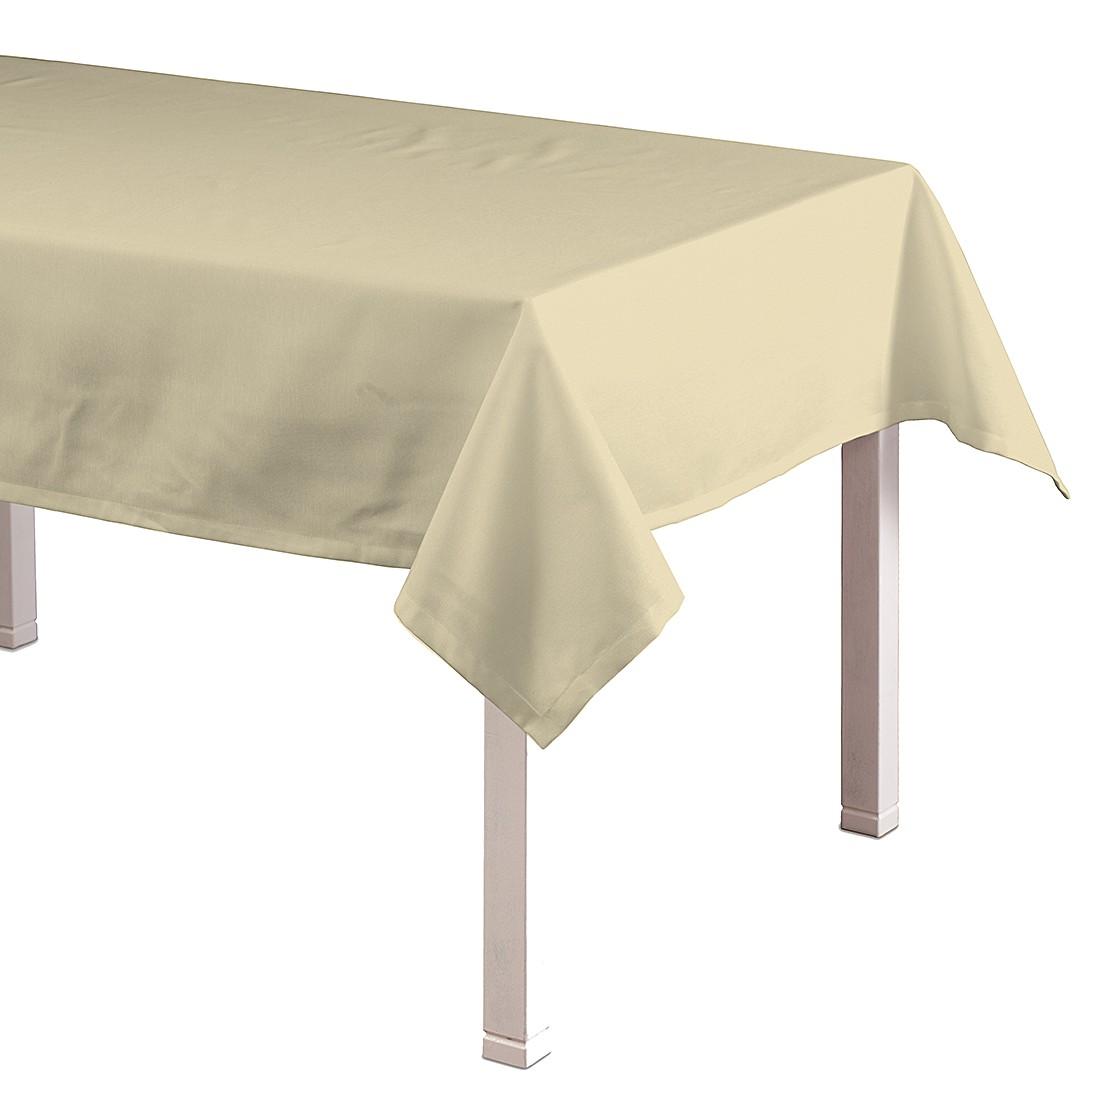 Tafelkleed Loneta - Beige - 130x280cm, Dekoria